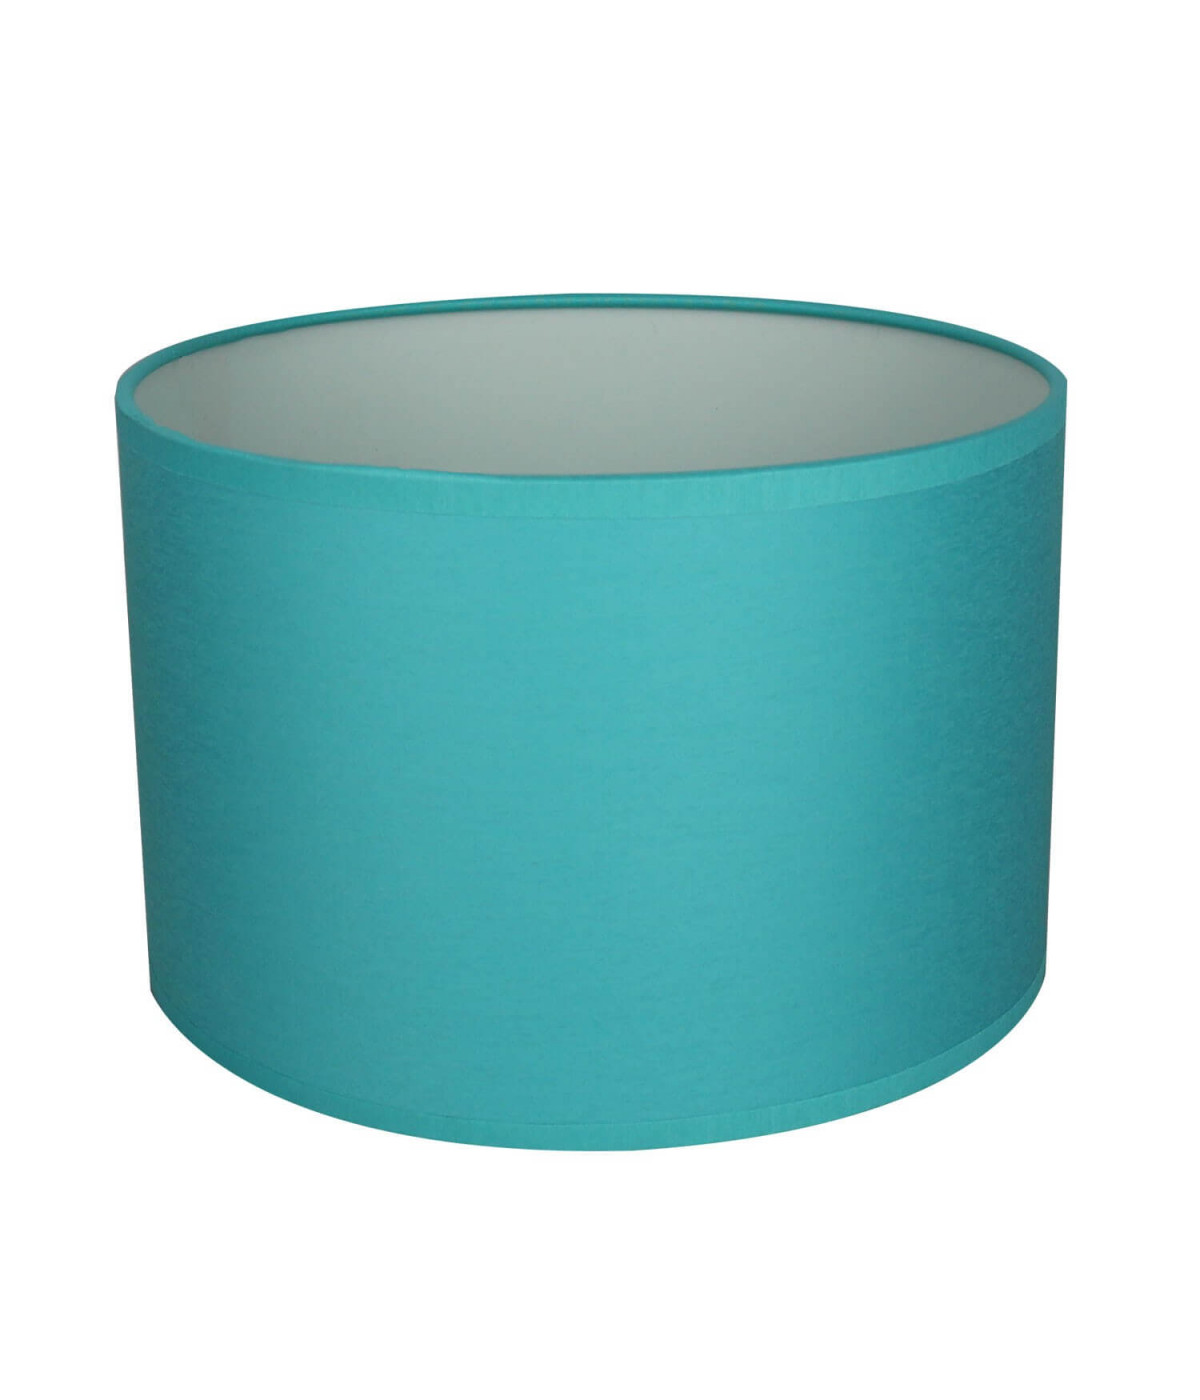 Abat-jour Rond Bleu turquoise